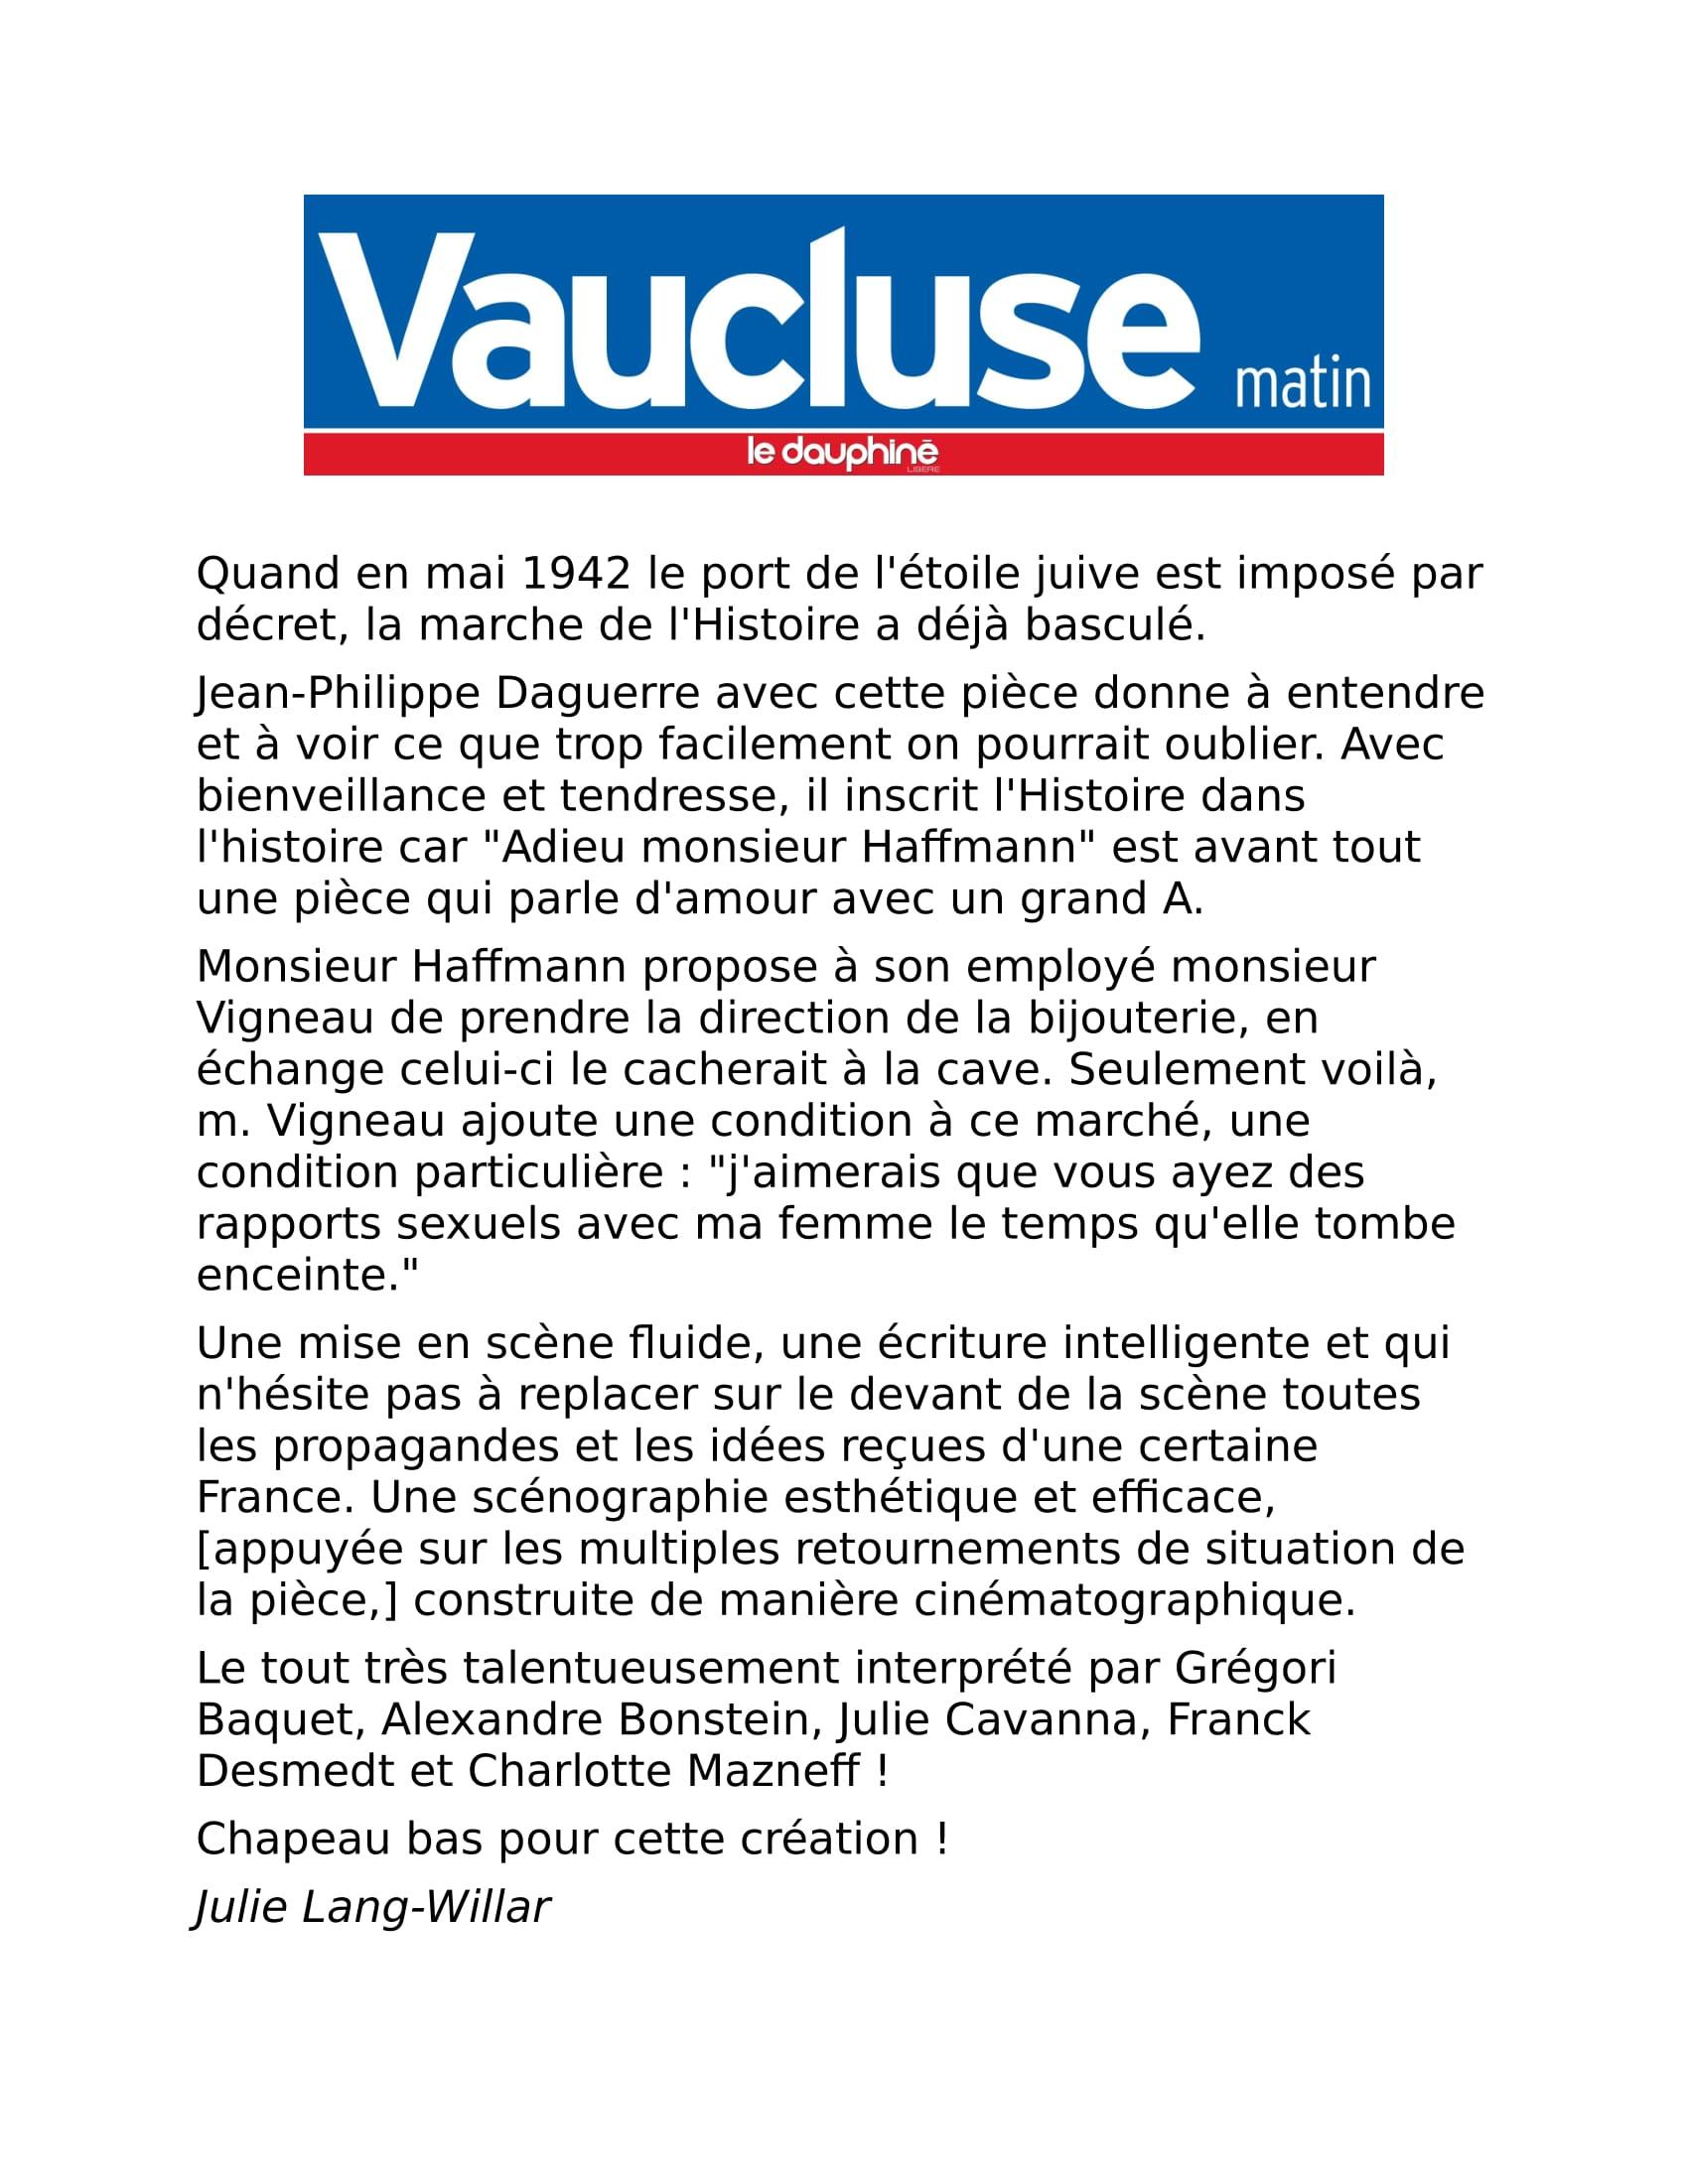 Avignon2016-VaucluseMatin-AdieuHaffmann-1